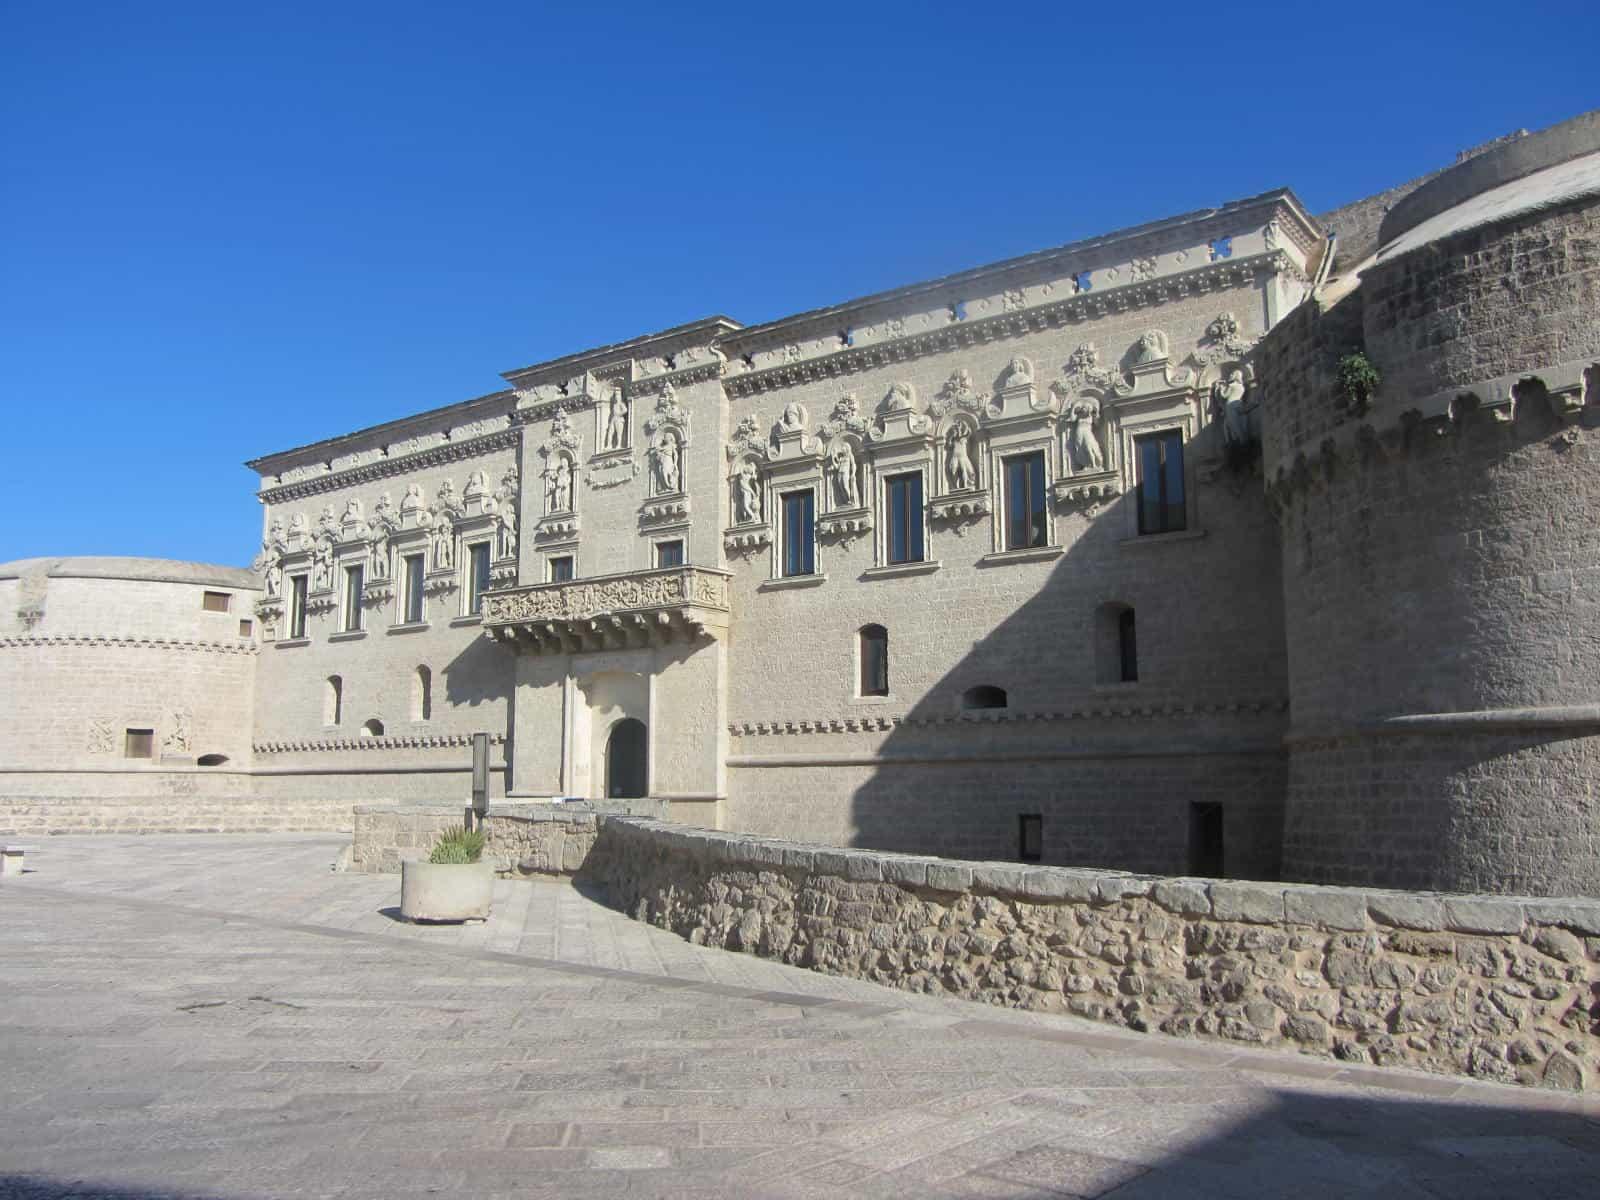 Il Castello de' Monti con la sua imponente struttura medievale